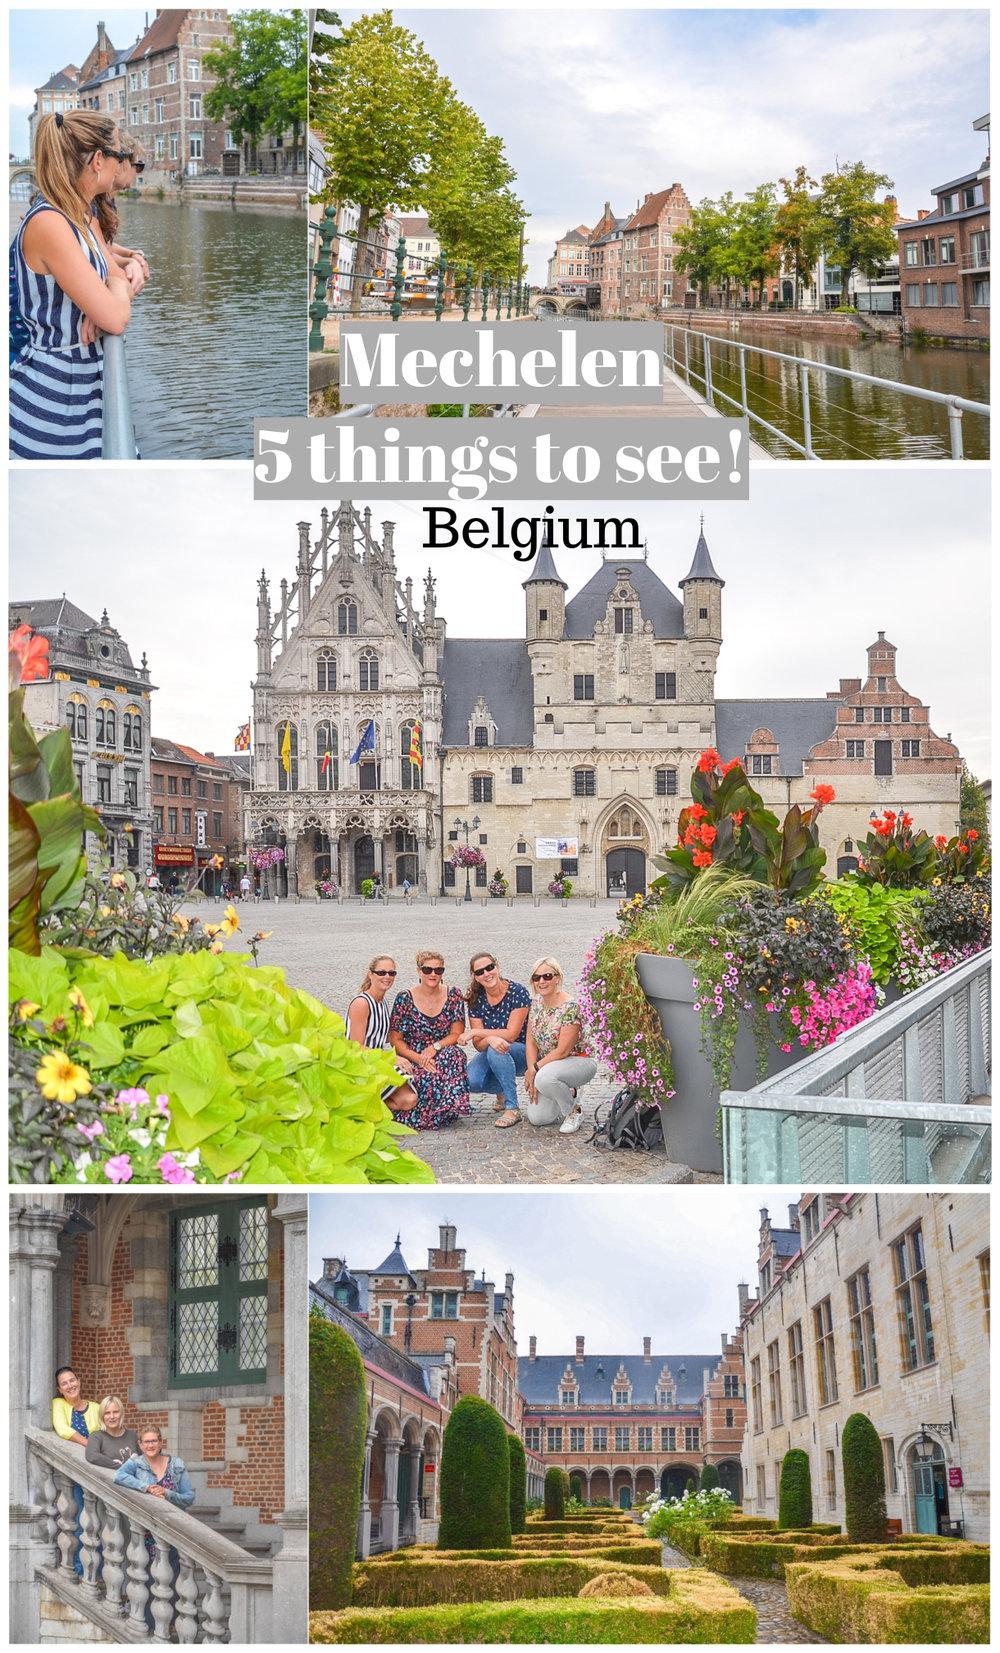 Mechelencollage.jpg